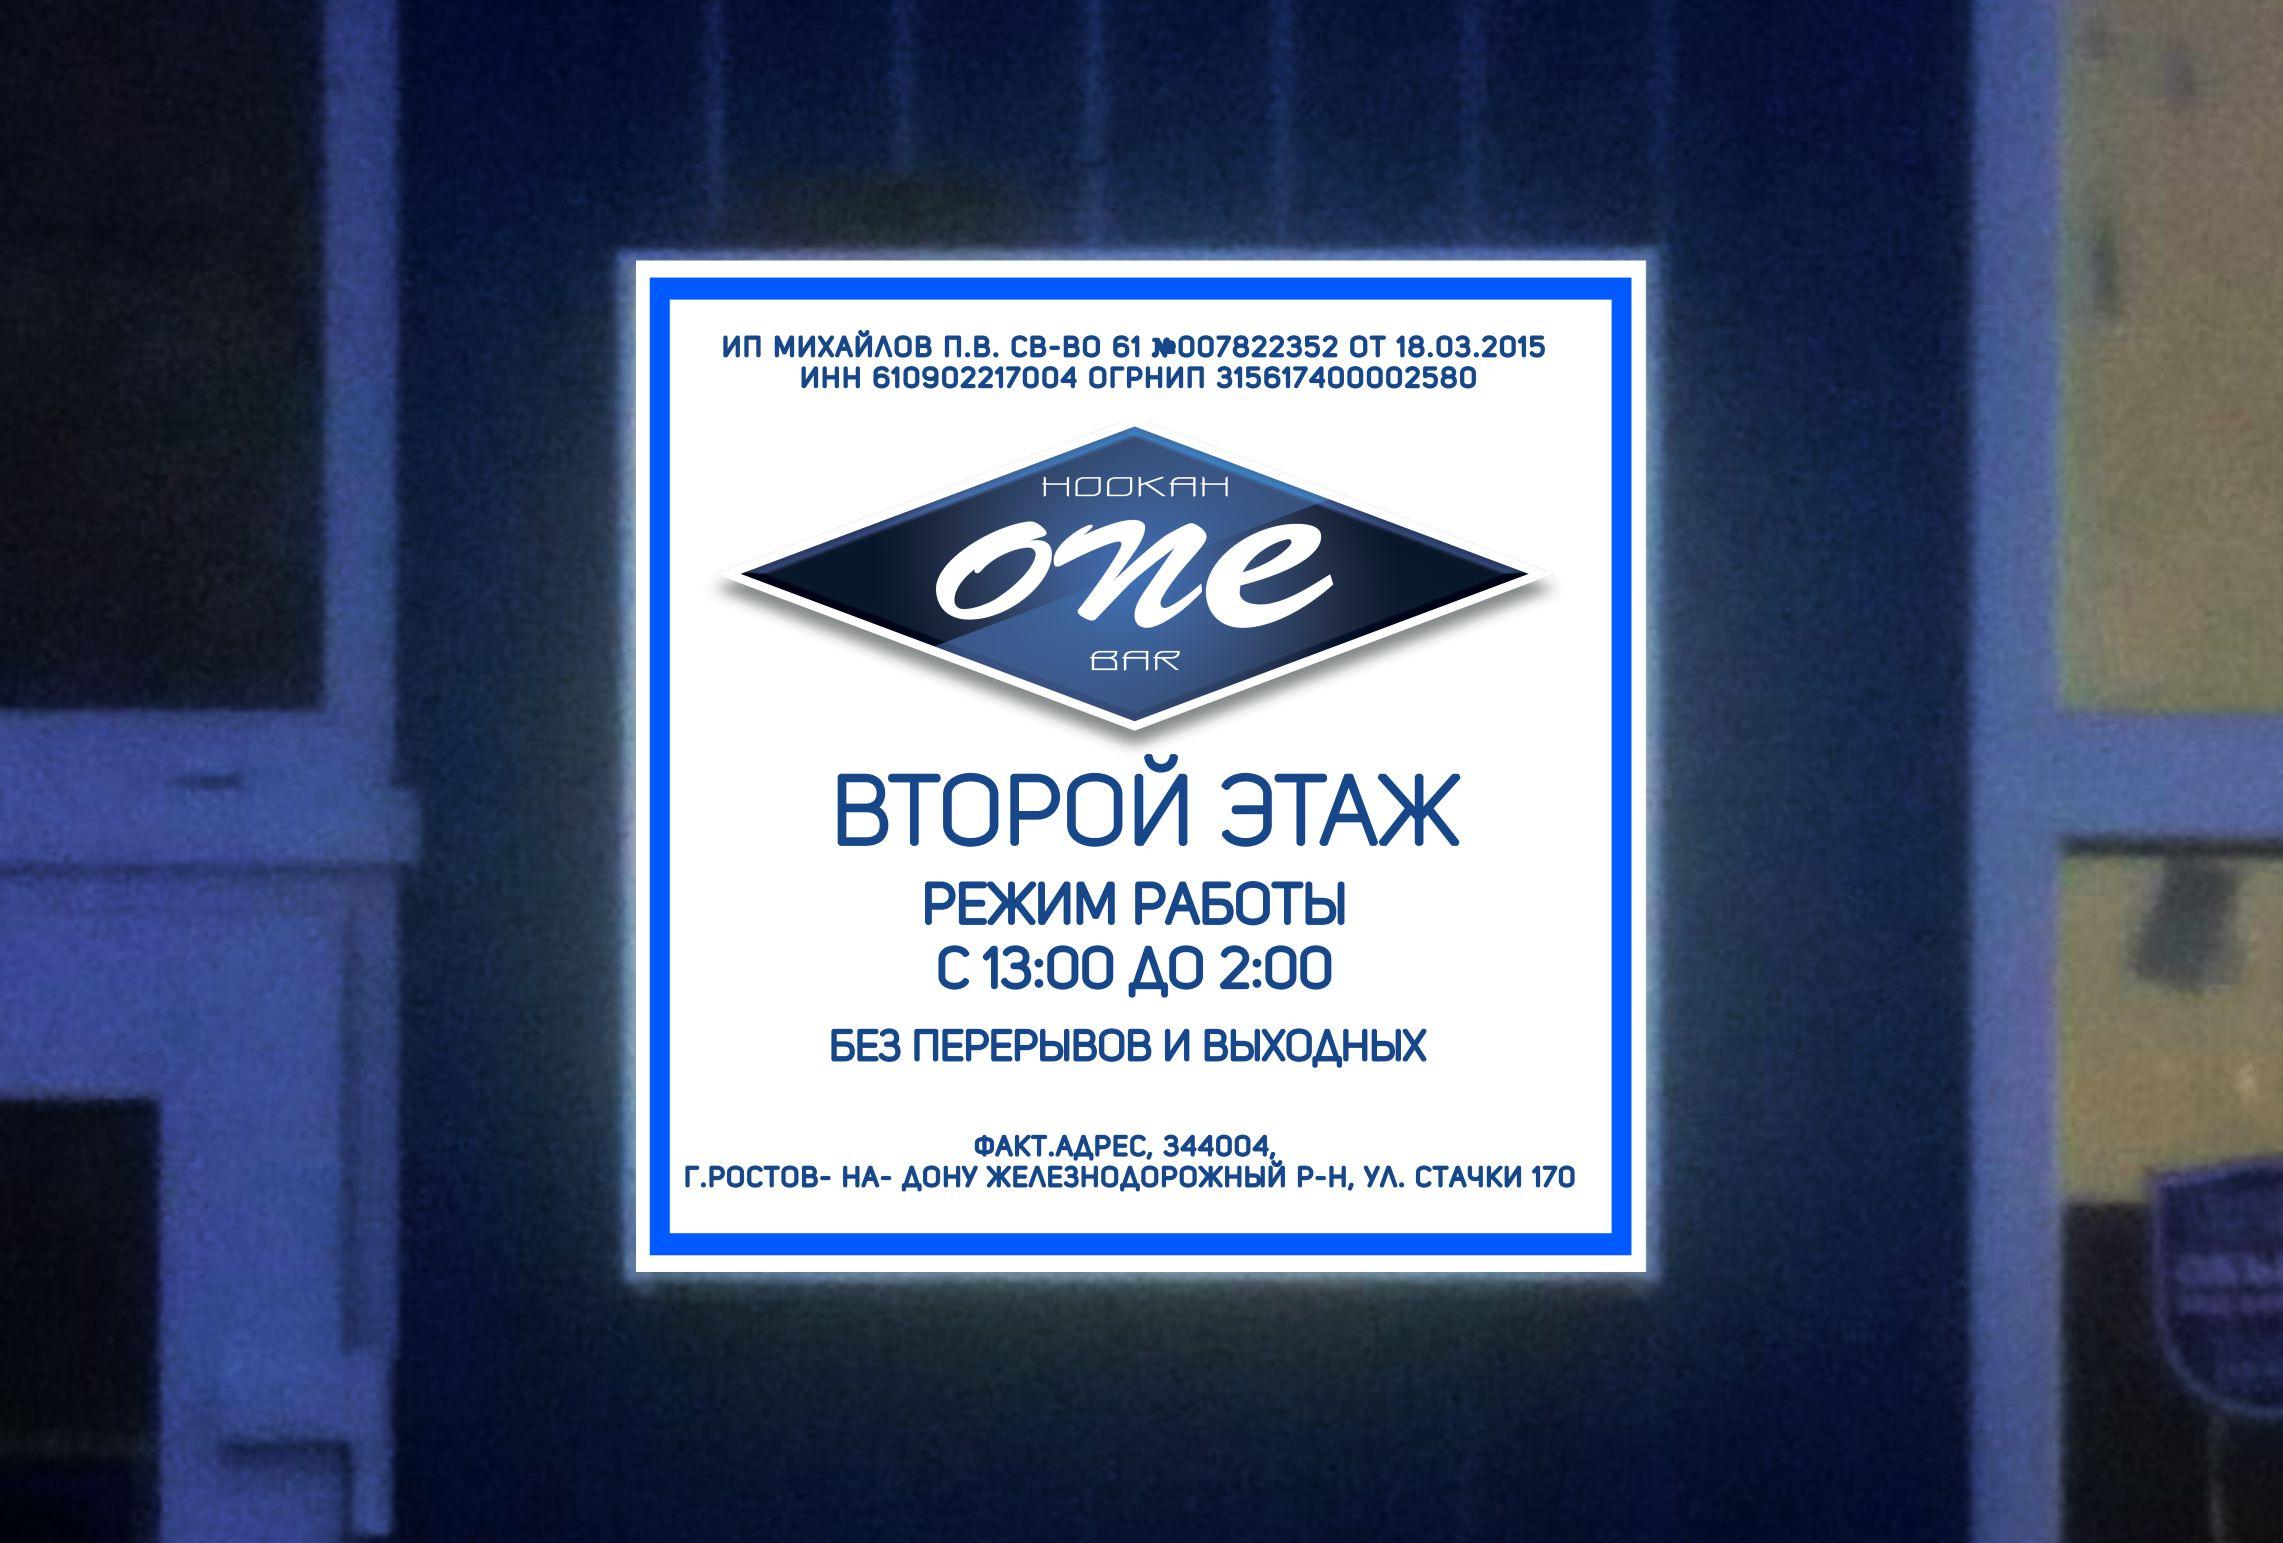 Выполнен заказ на изготовление вывески с режимом работы для бара в Ростове-на-Дону.